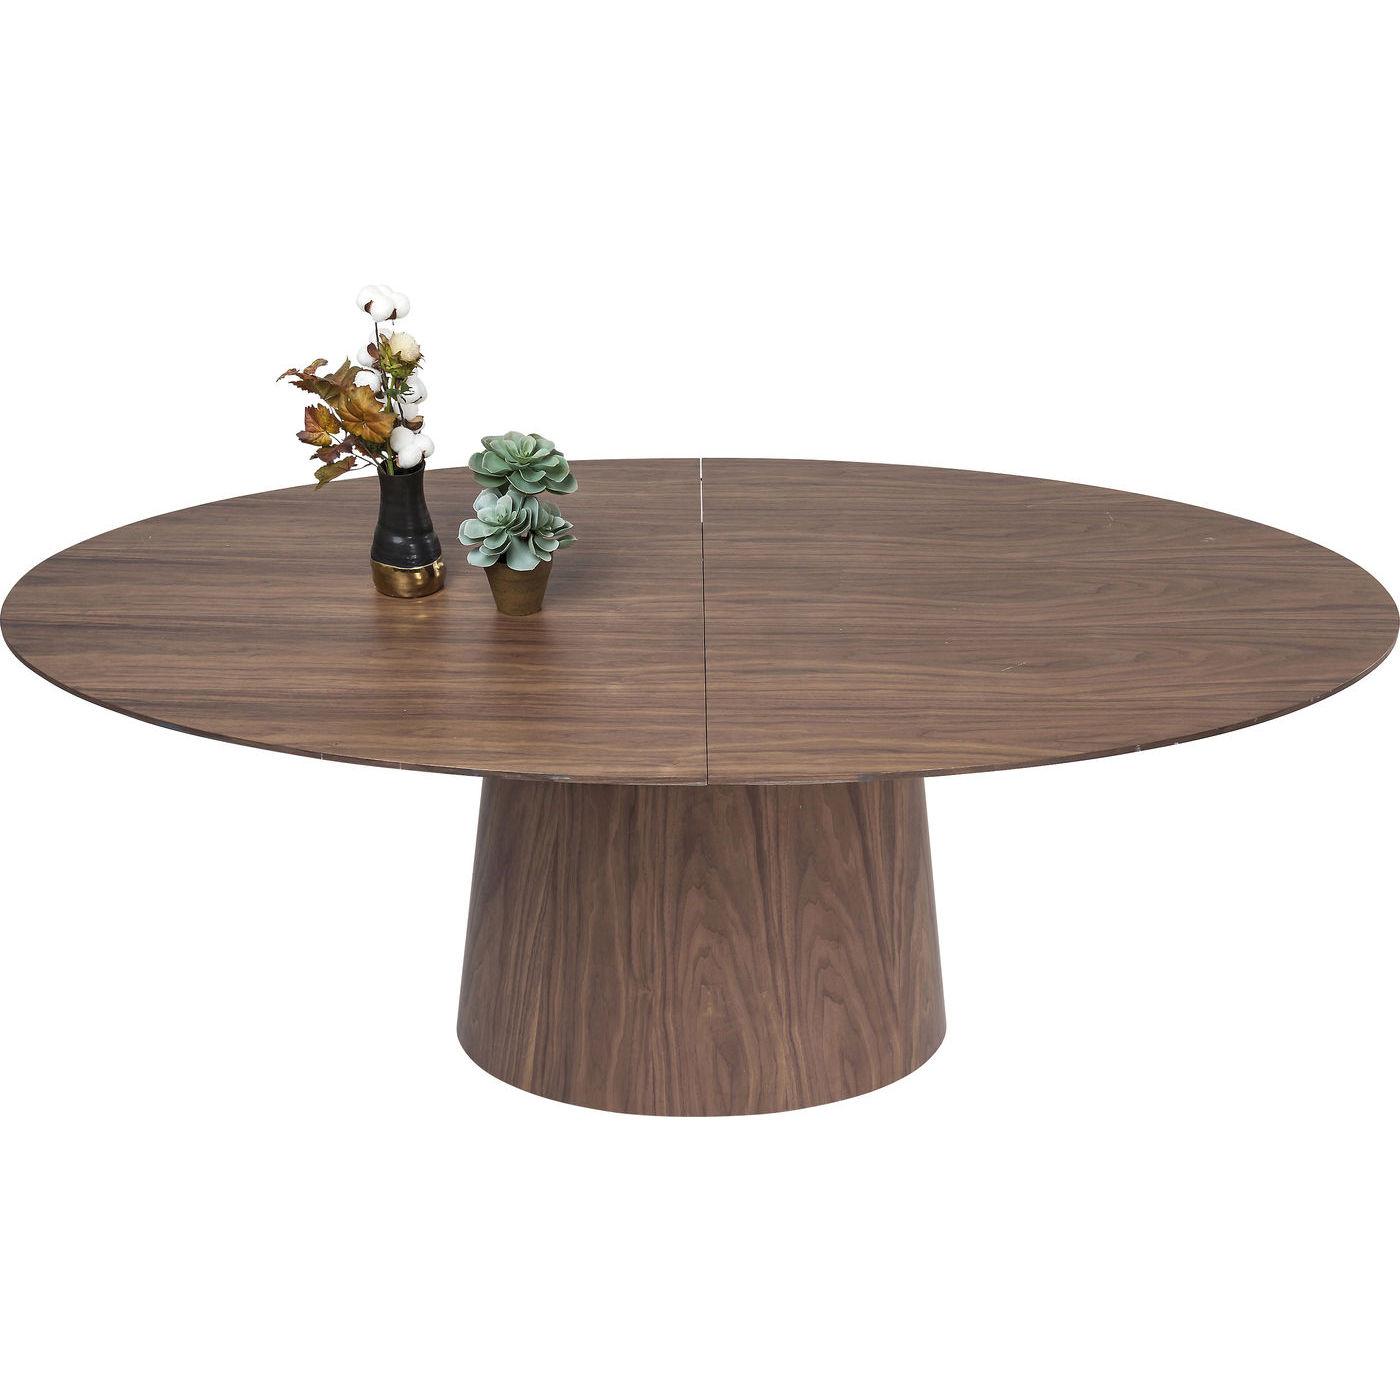 Image of   KARE DESIGN Extension Benvenuto spisebord - valnøddefinér m. butterflyplade